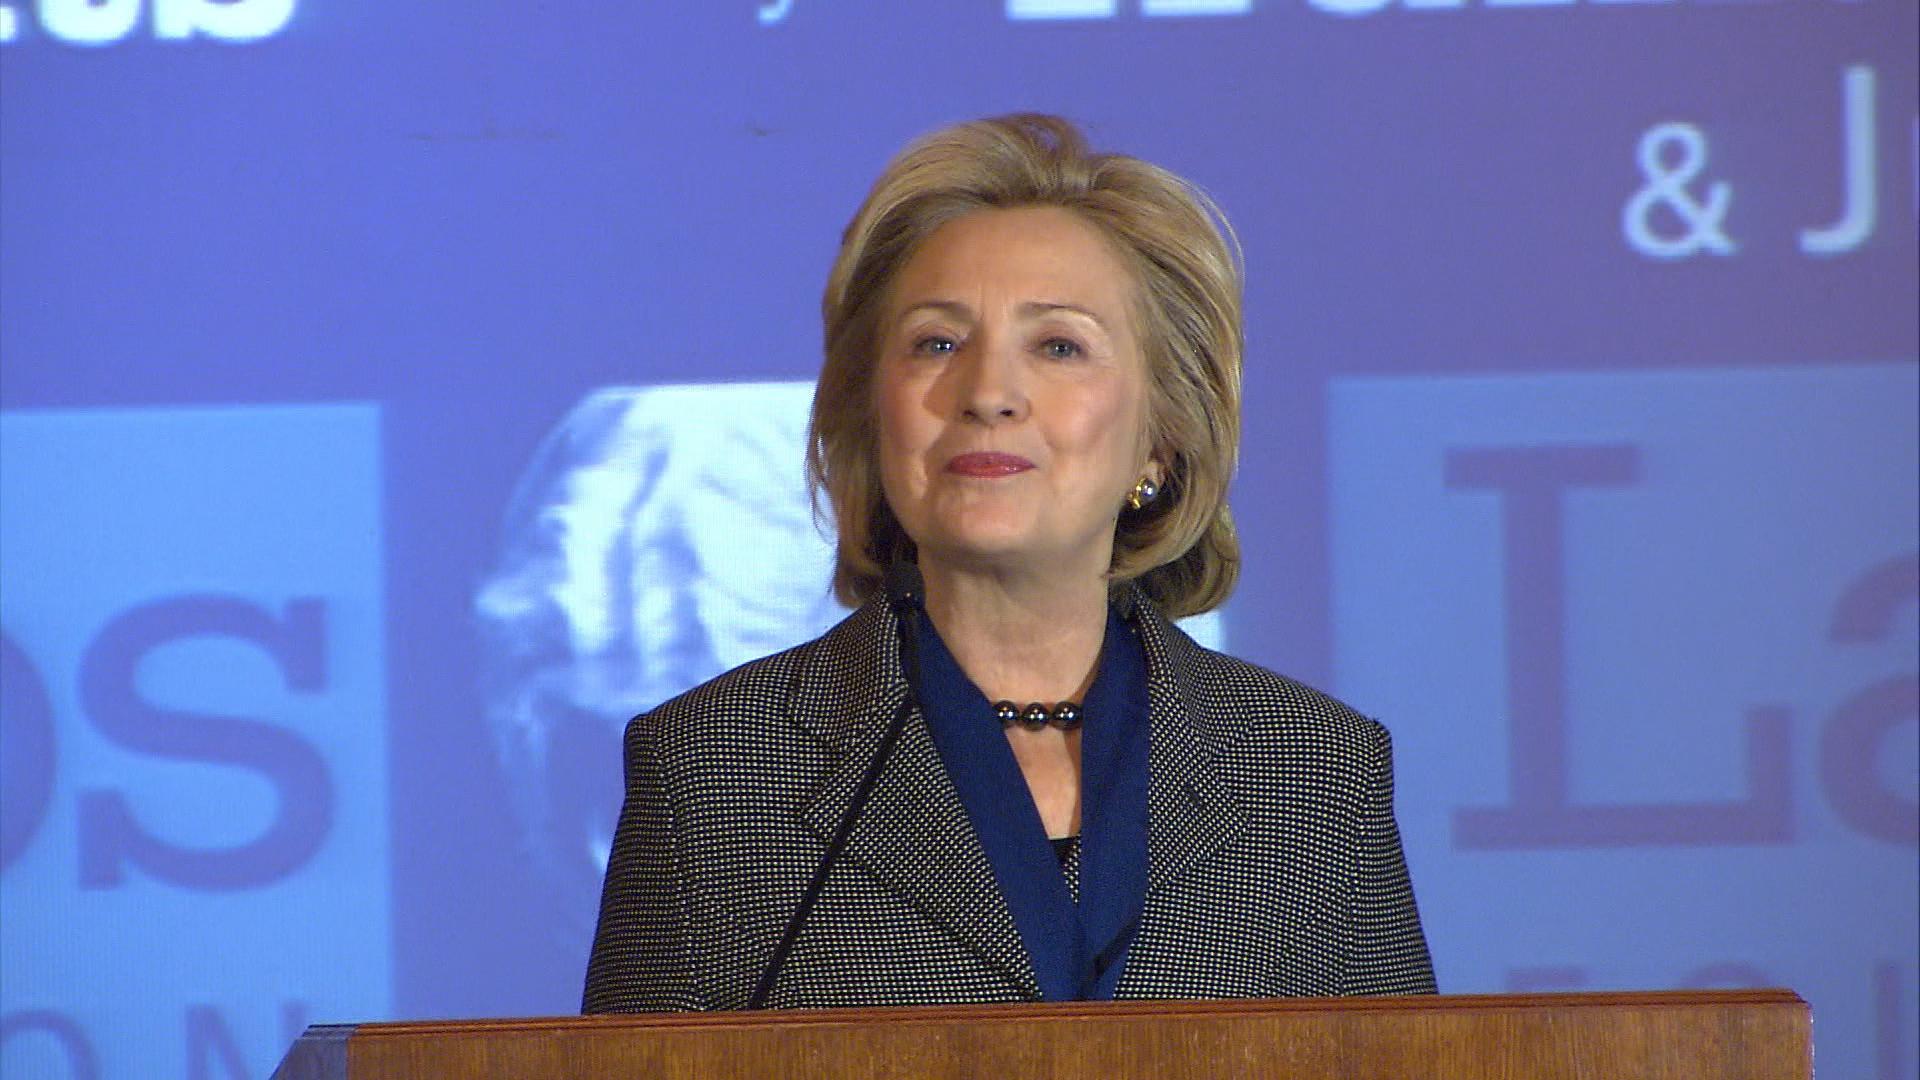 Is South Carolina ready for Hillary?